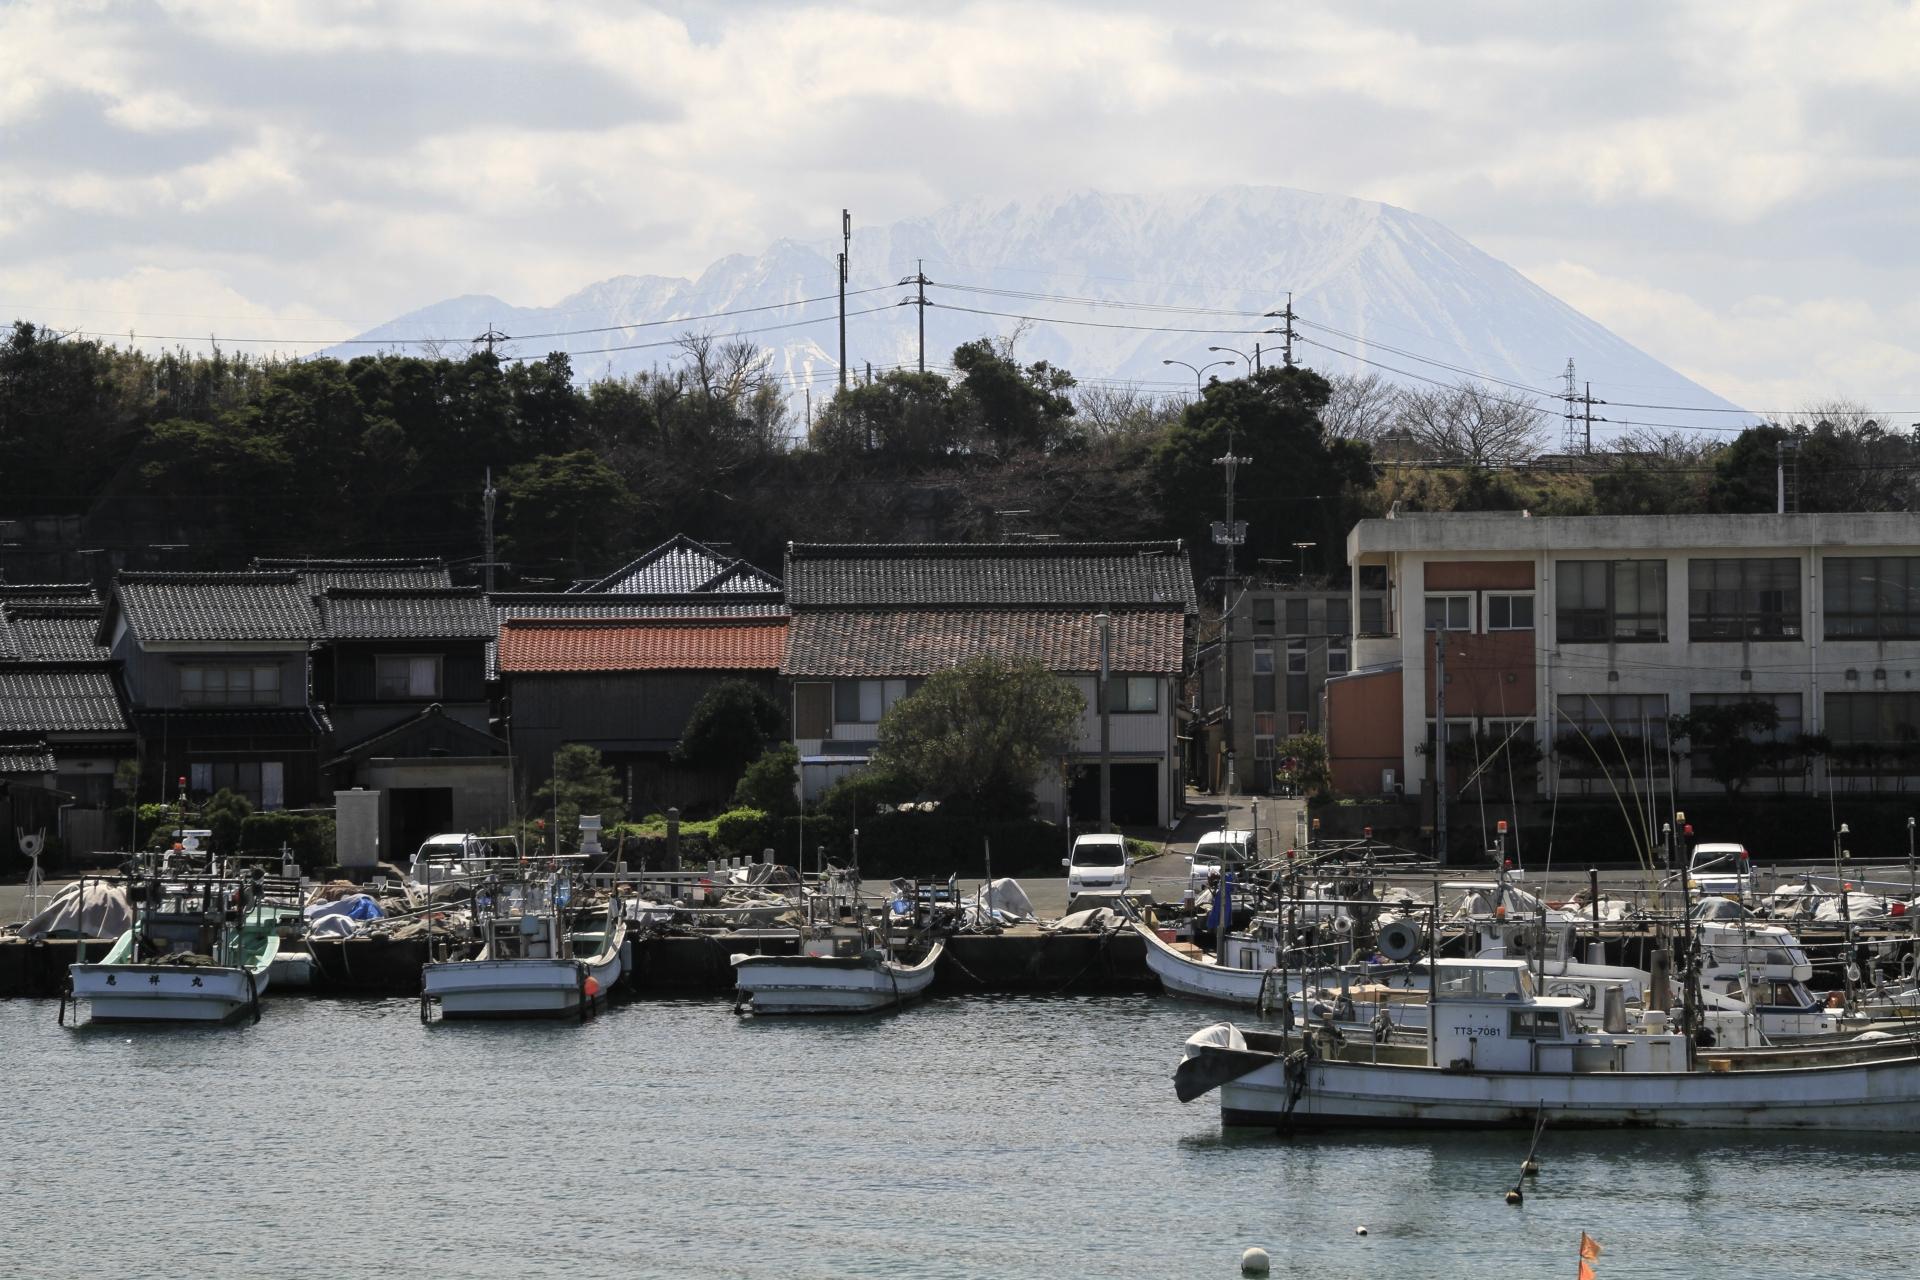 焼津観光おすすめランキング!グルメや子連れでも楽しめる人気のスポットも!